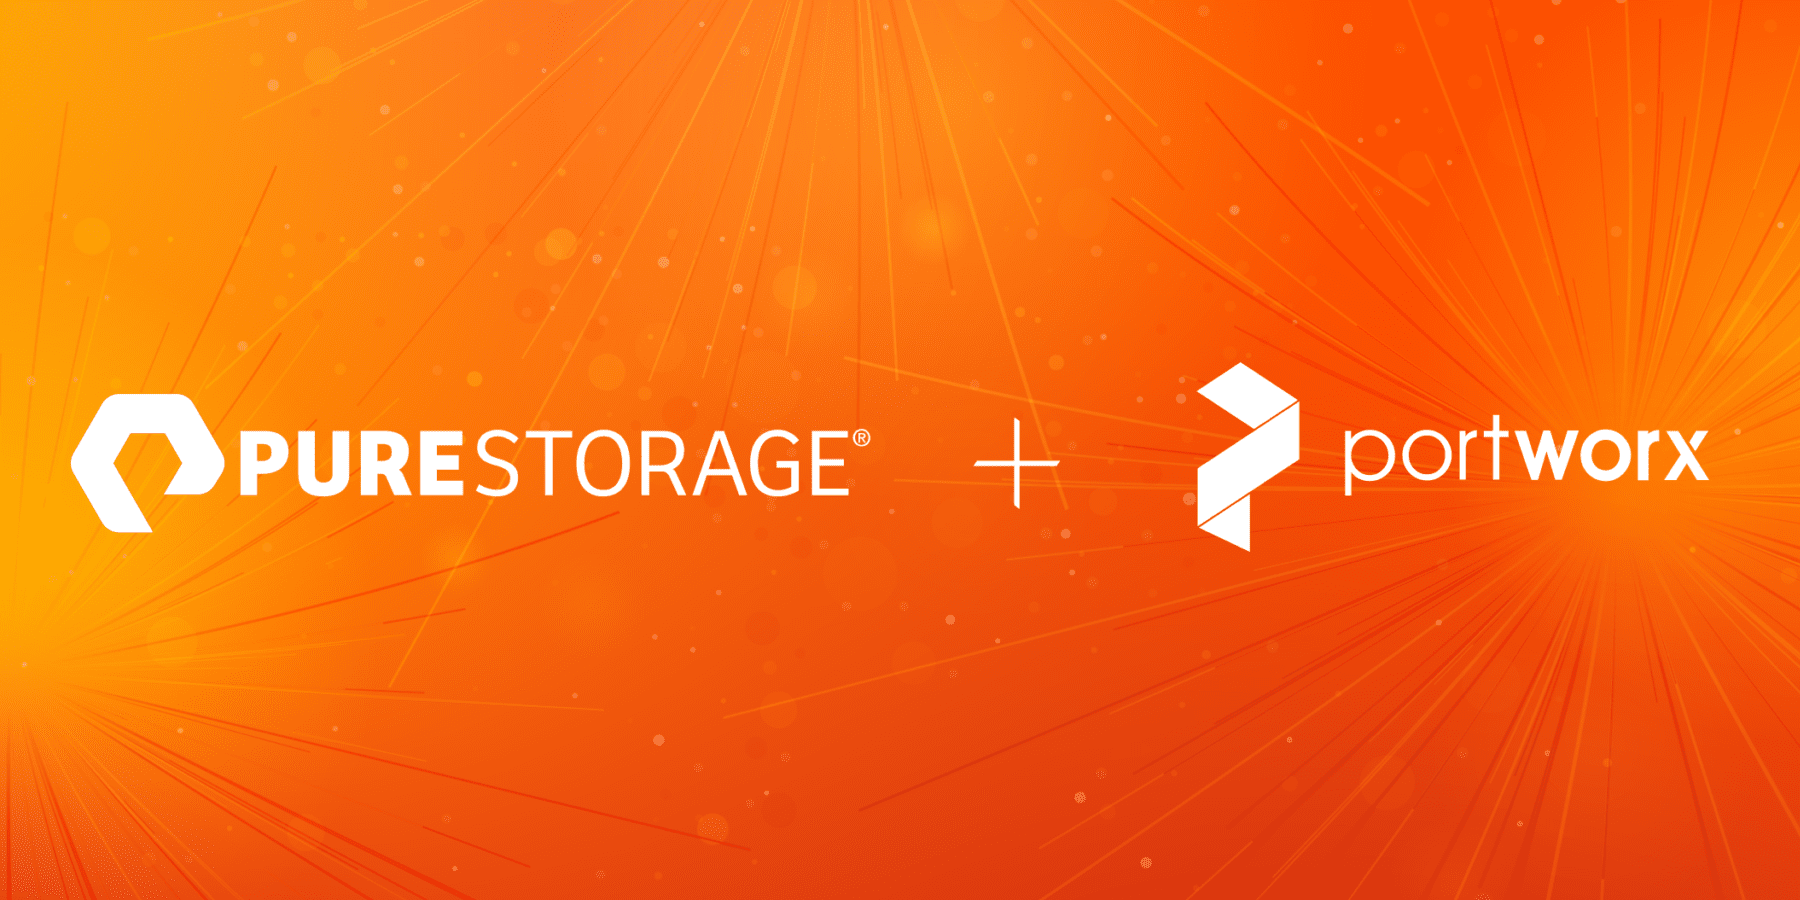 Pure Storage Übernahme von Portworx - Logo der beiden Unternehmen auf orangenem Hintergrund